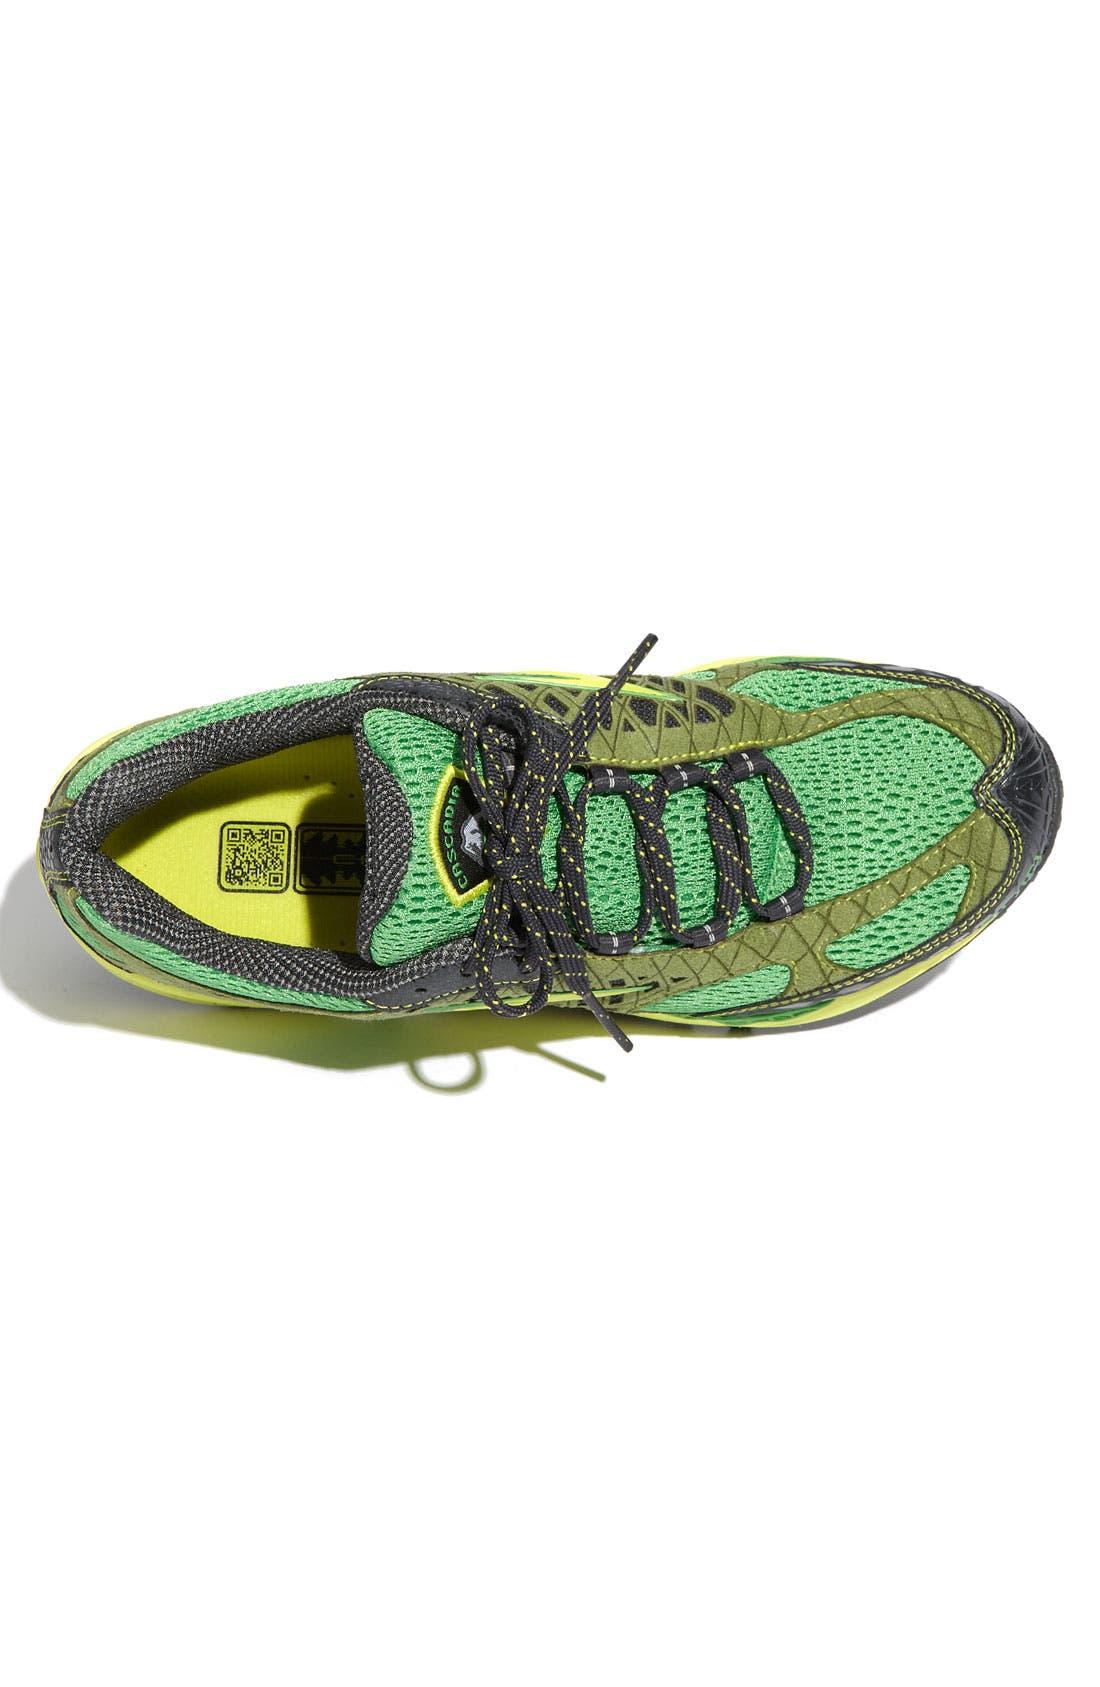 Alternate Image 3  - Brooks 'Cascadia 7' Trail Running Shoe (Men)